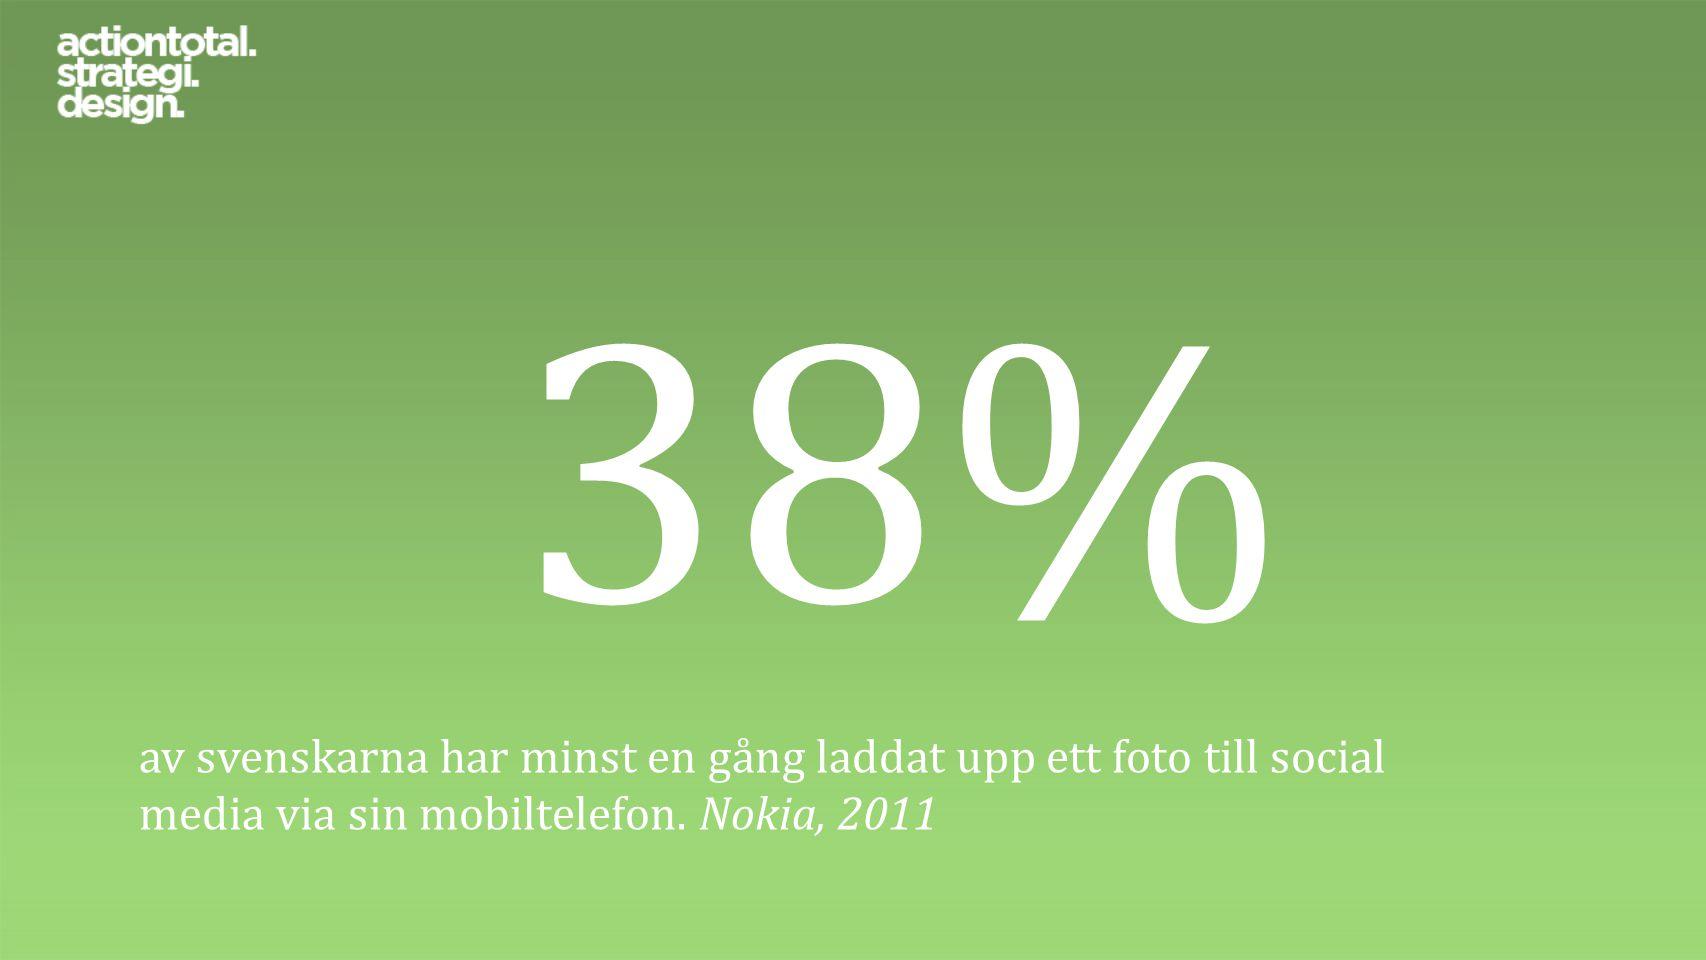 913 000 träffar på YouTube får man om man söker på Sweden . YouTube, 2011